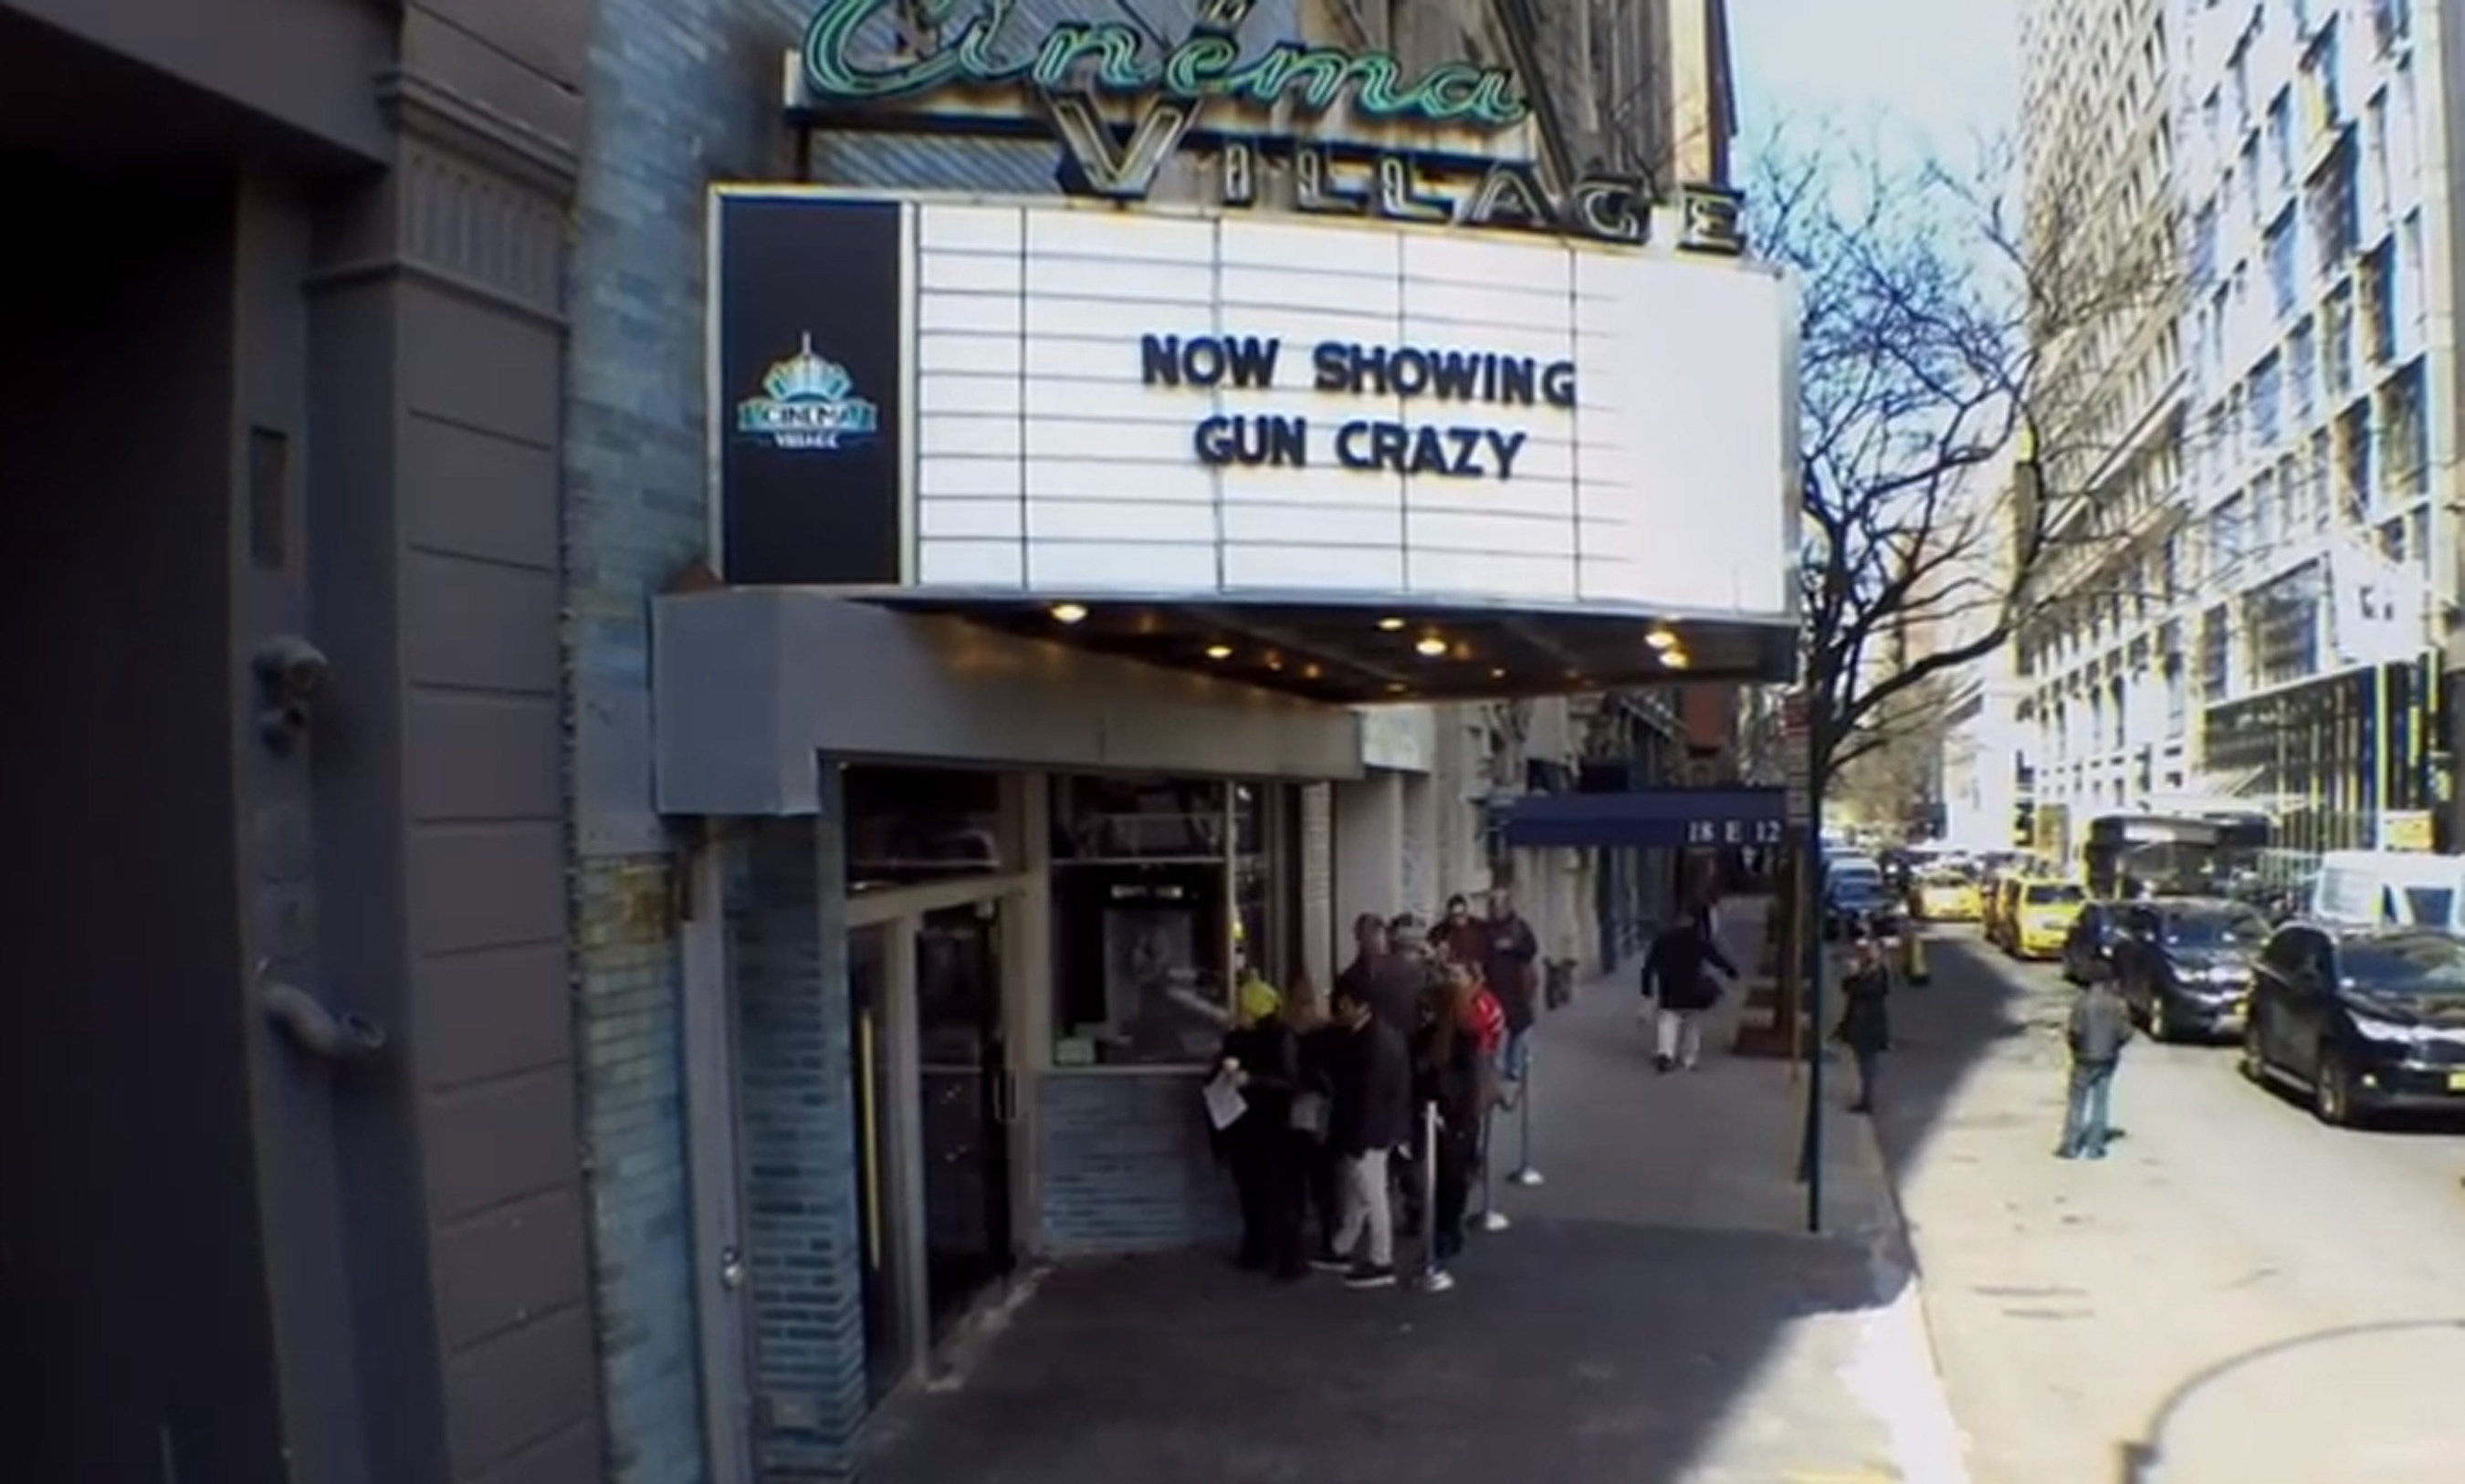 Gun Crazy movie marquee